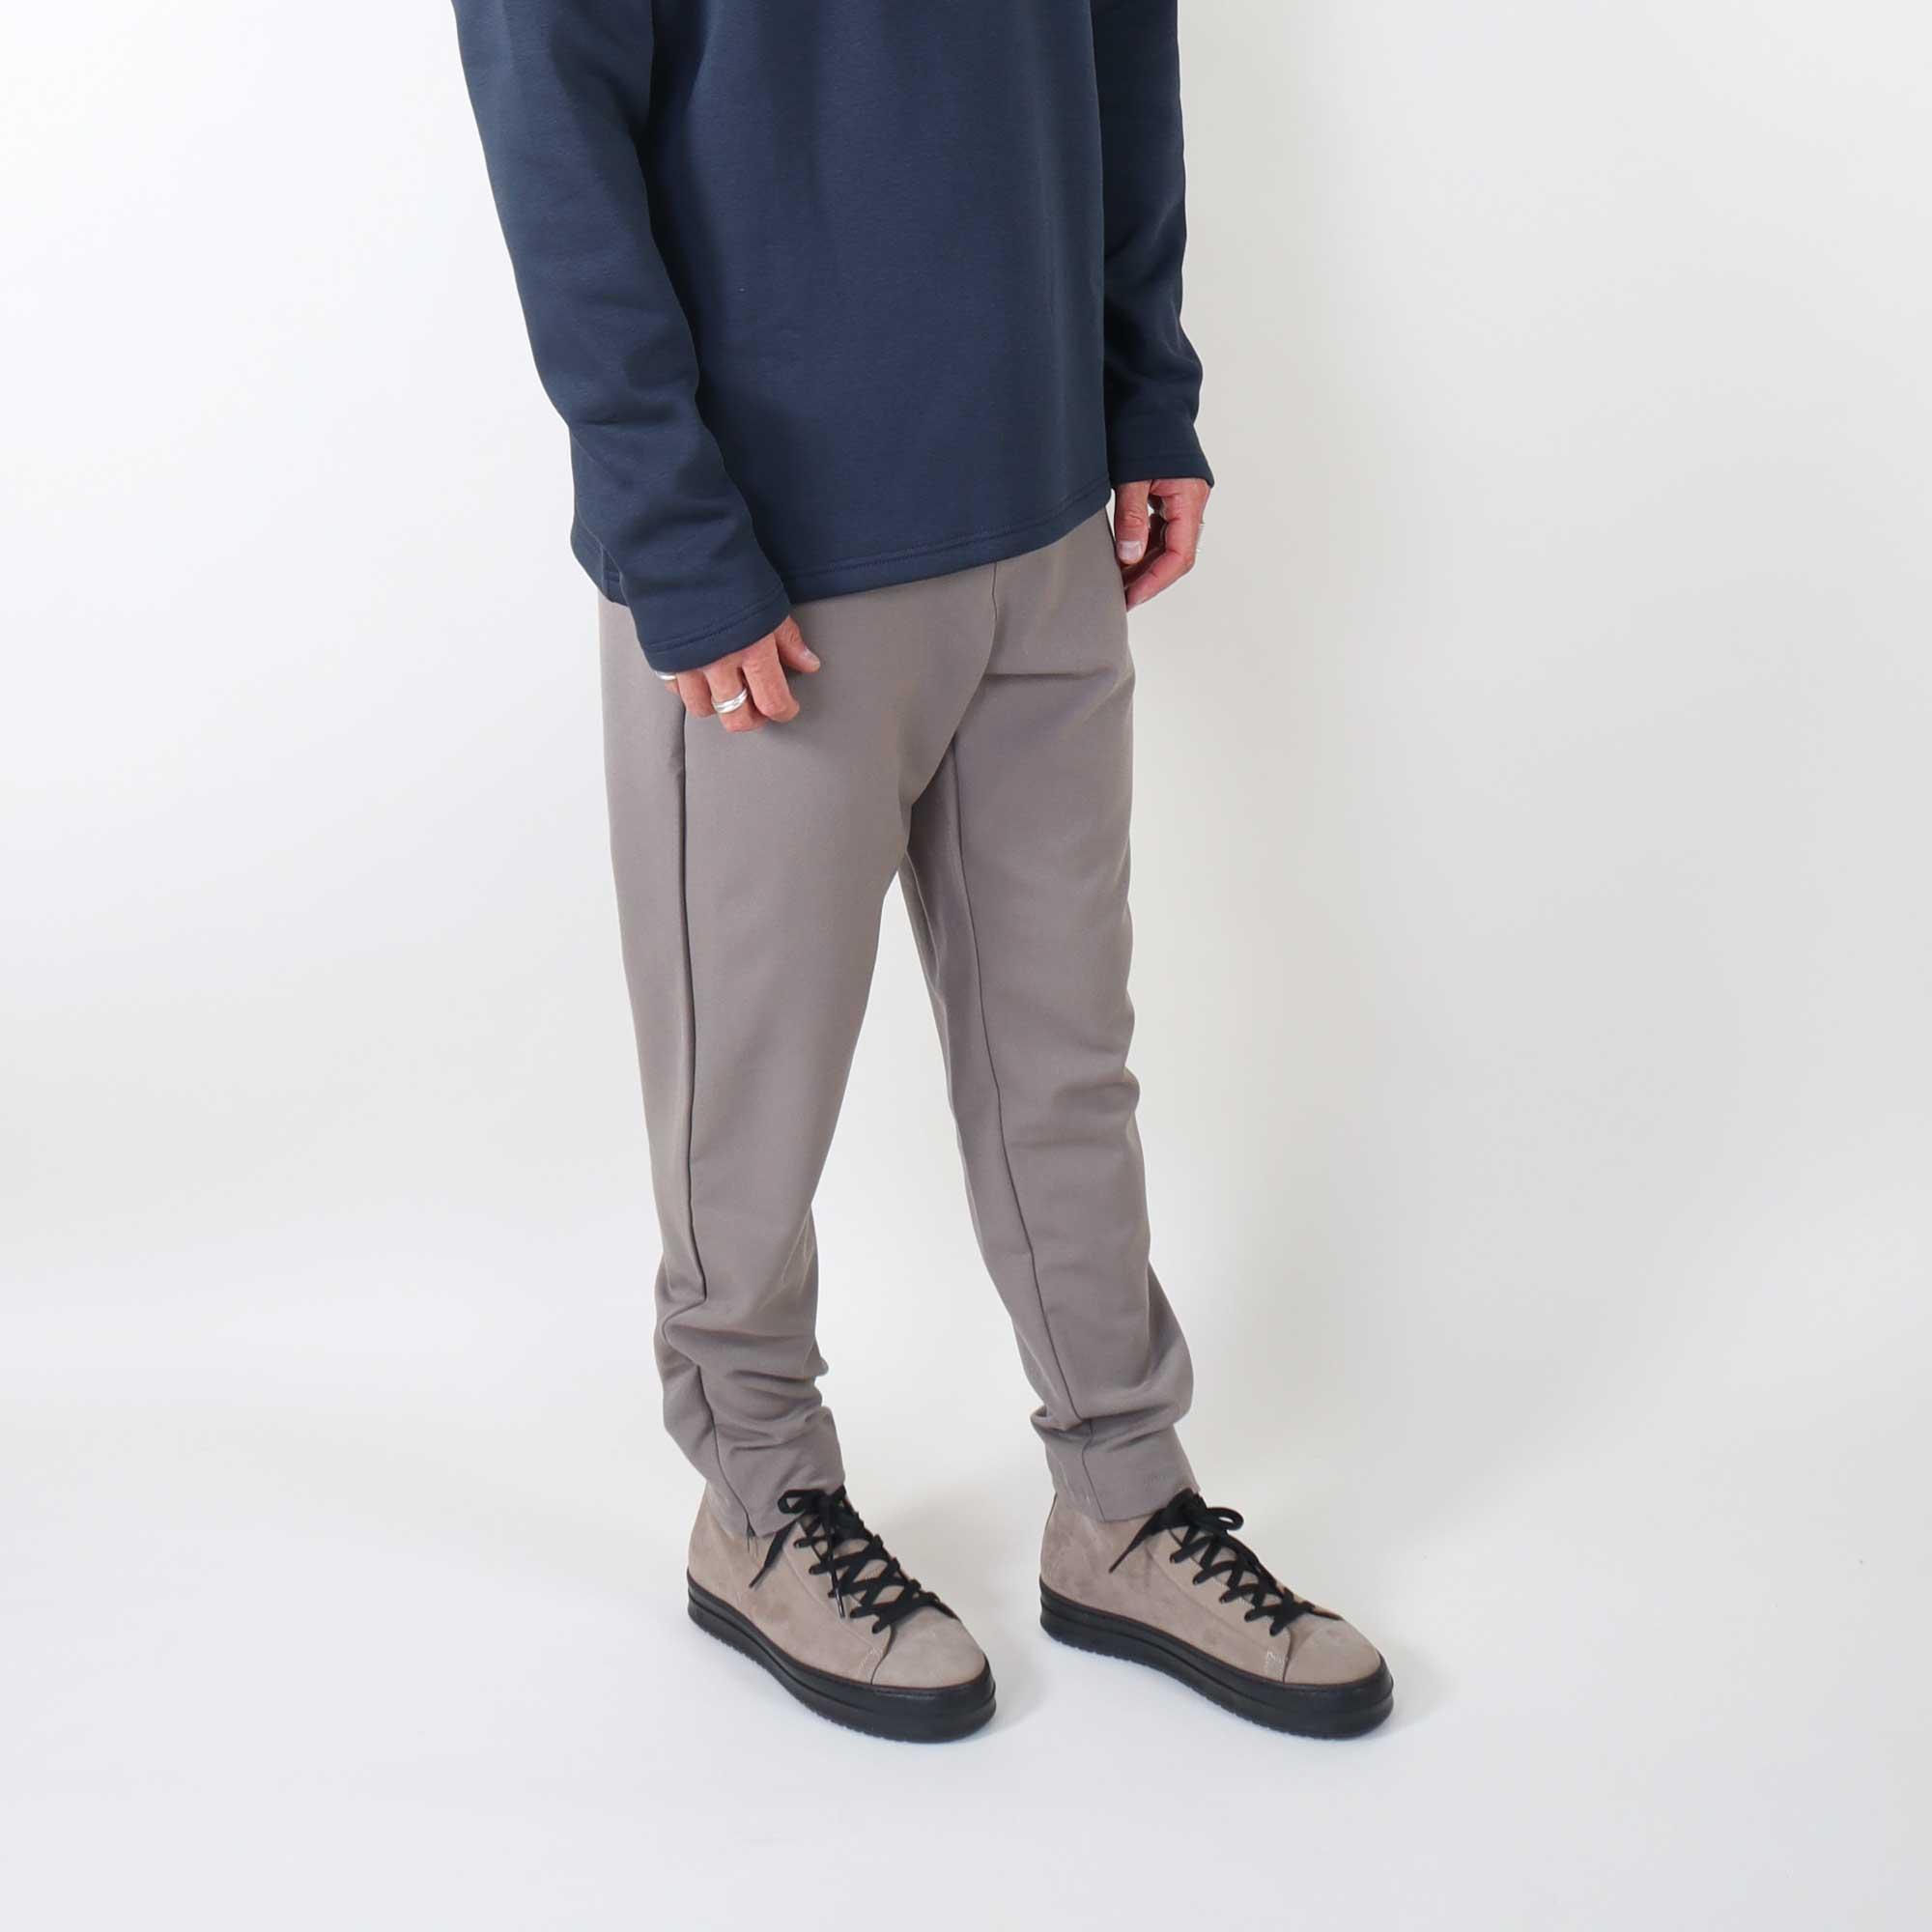 pantalon-lgrijs-4